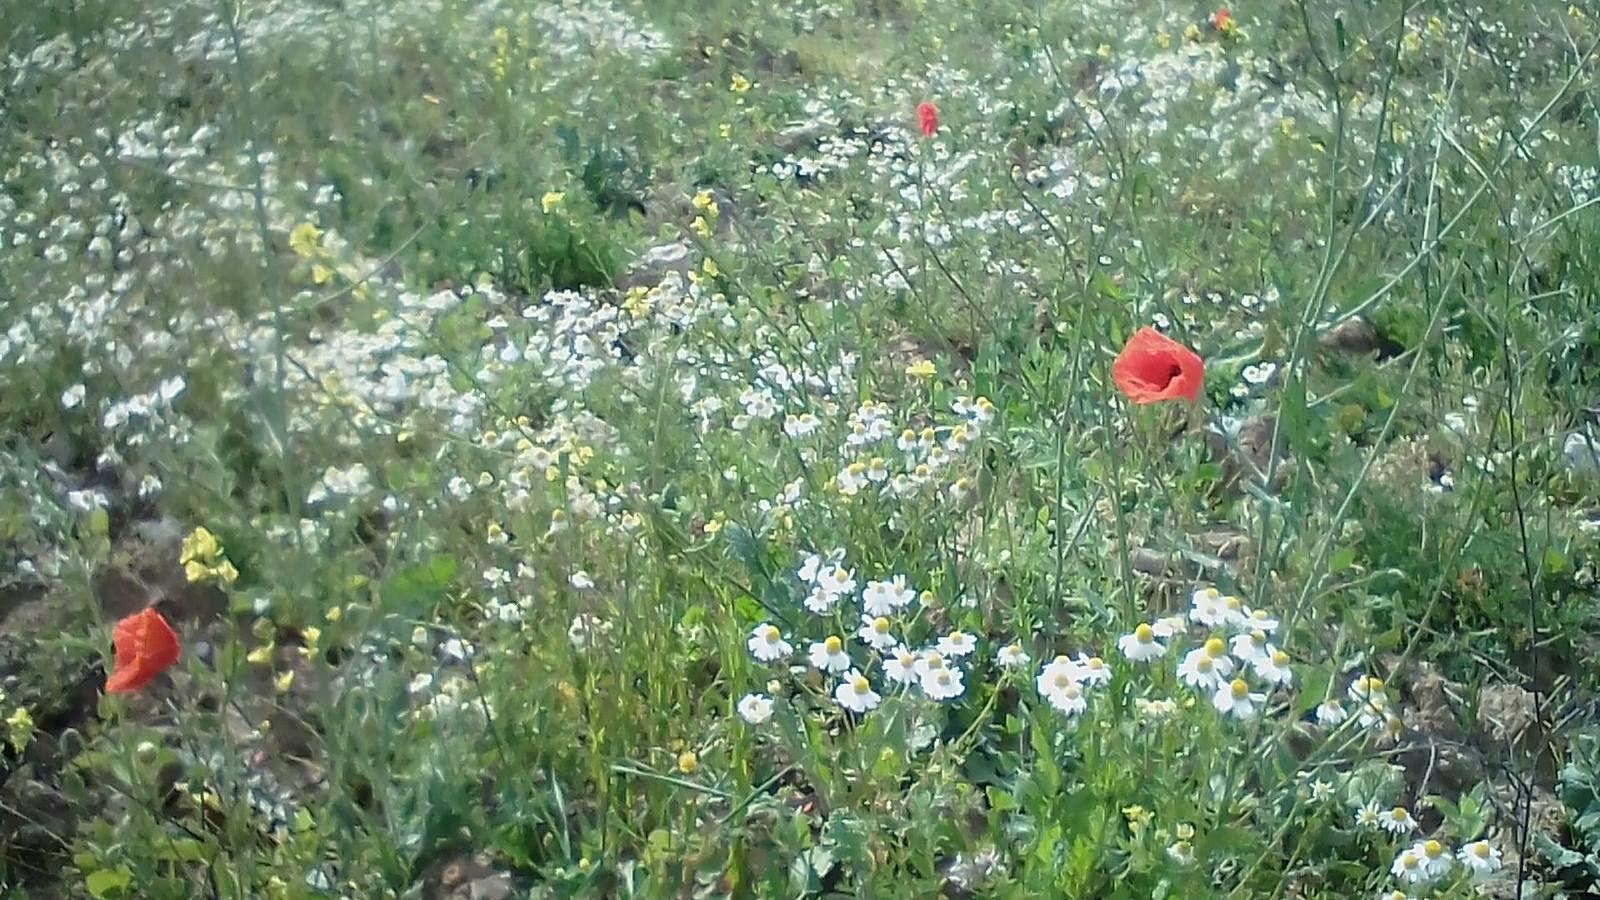 la vie sauvage reprend ses droits: un champ dans la ville à Boulogne sur mer